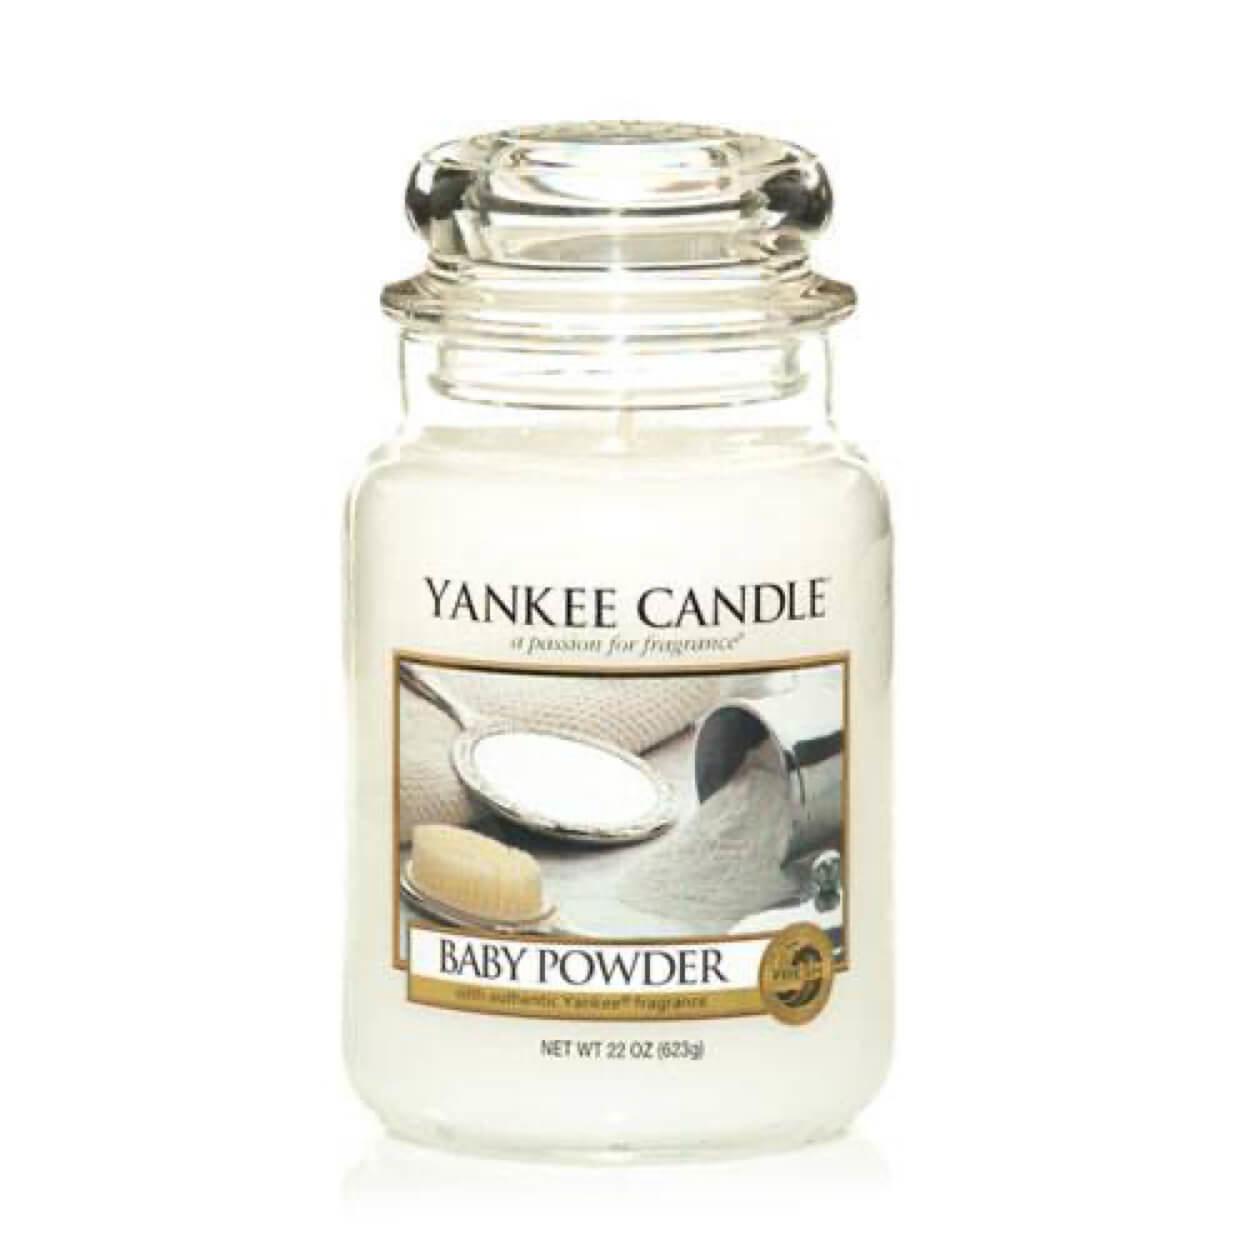 Baby Powder Large Jar | Yankee Candle